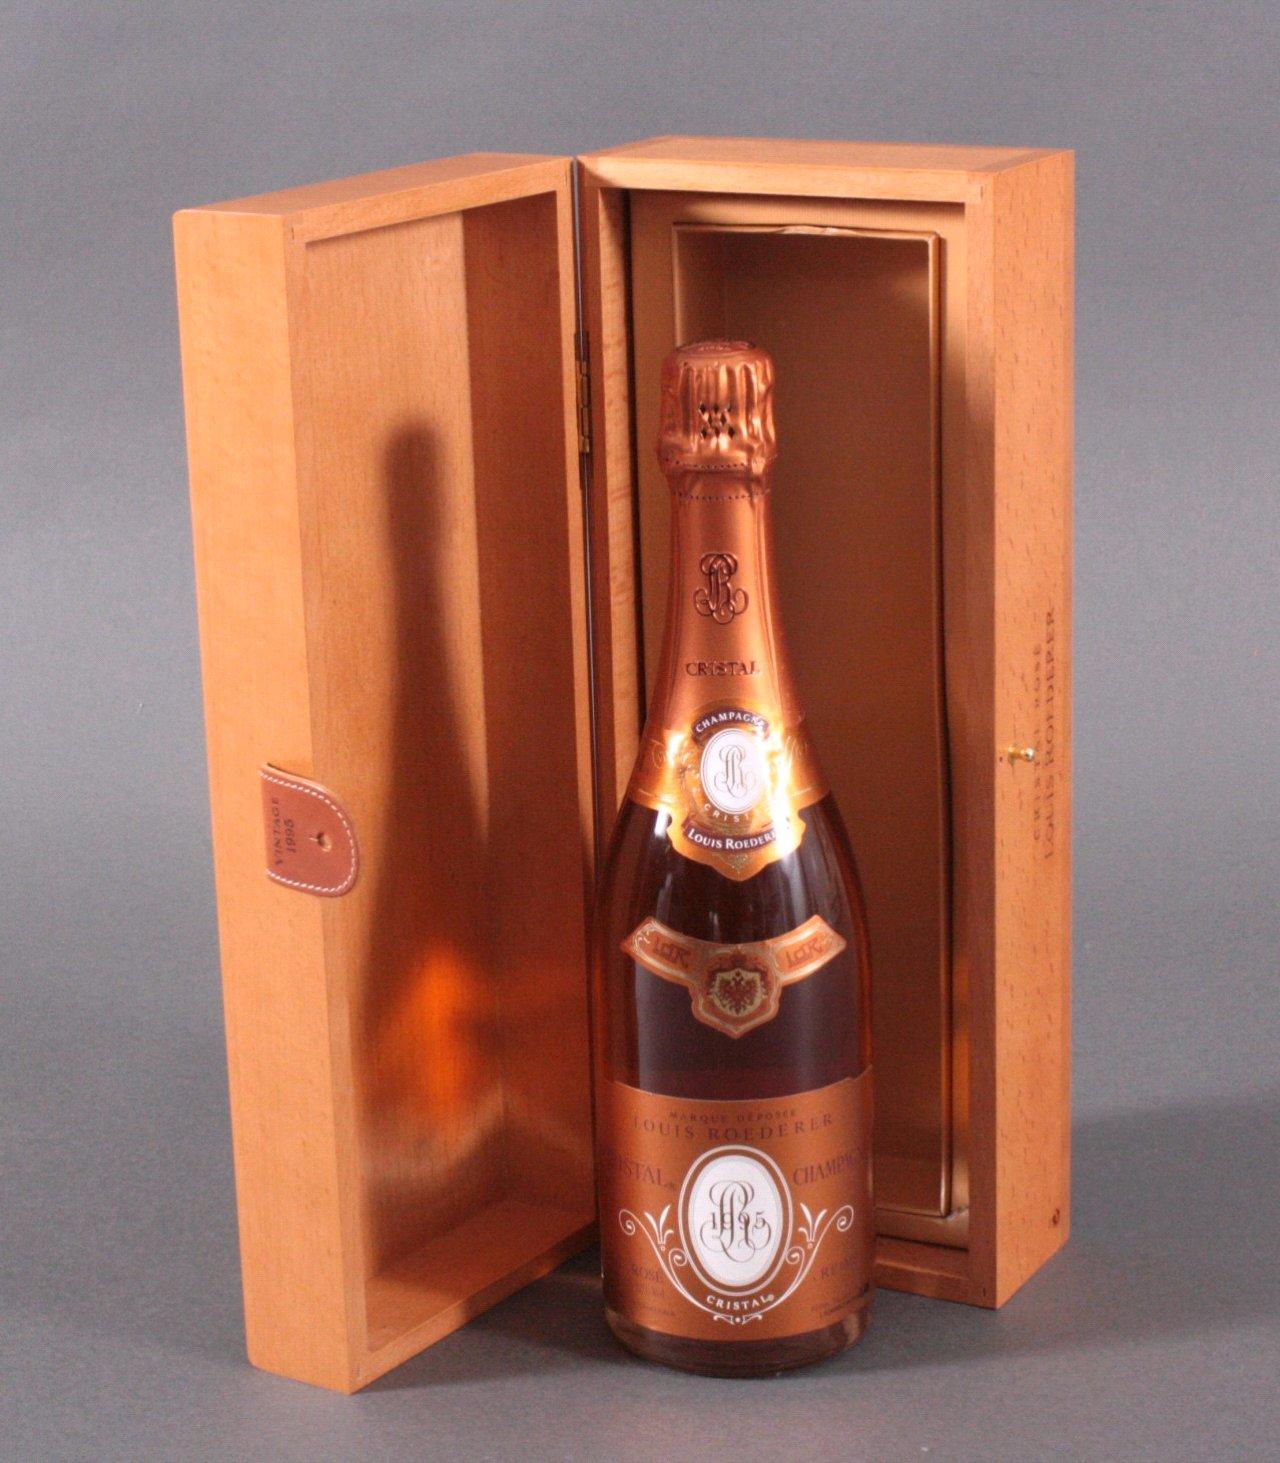 LOUIS ROEDERER CRISTAL Brut Rose Champagner 1995